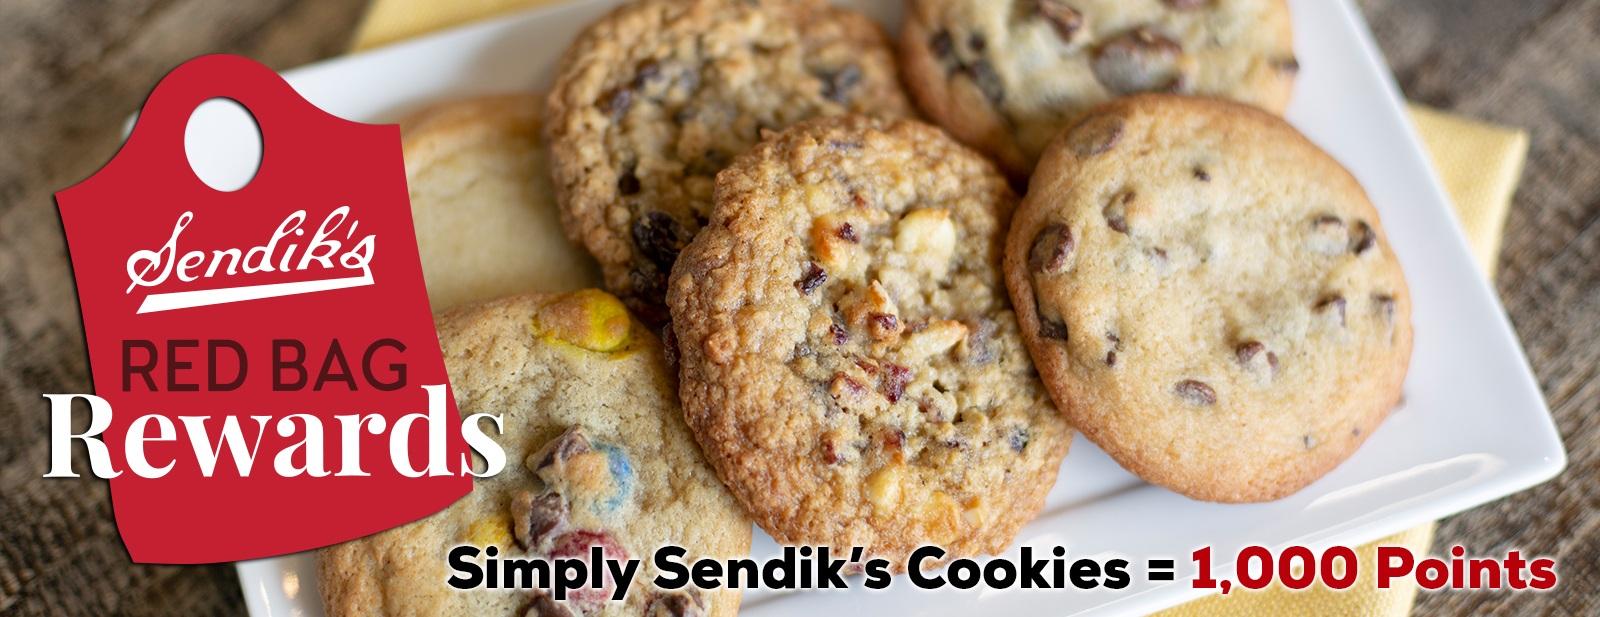 Simply Sendik's Cookies